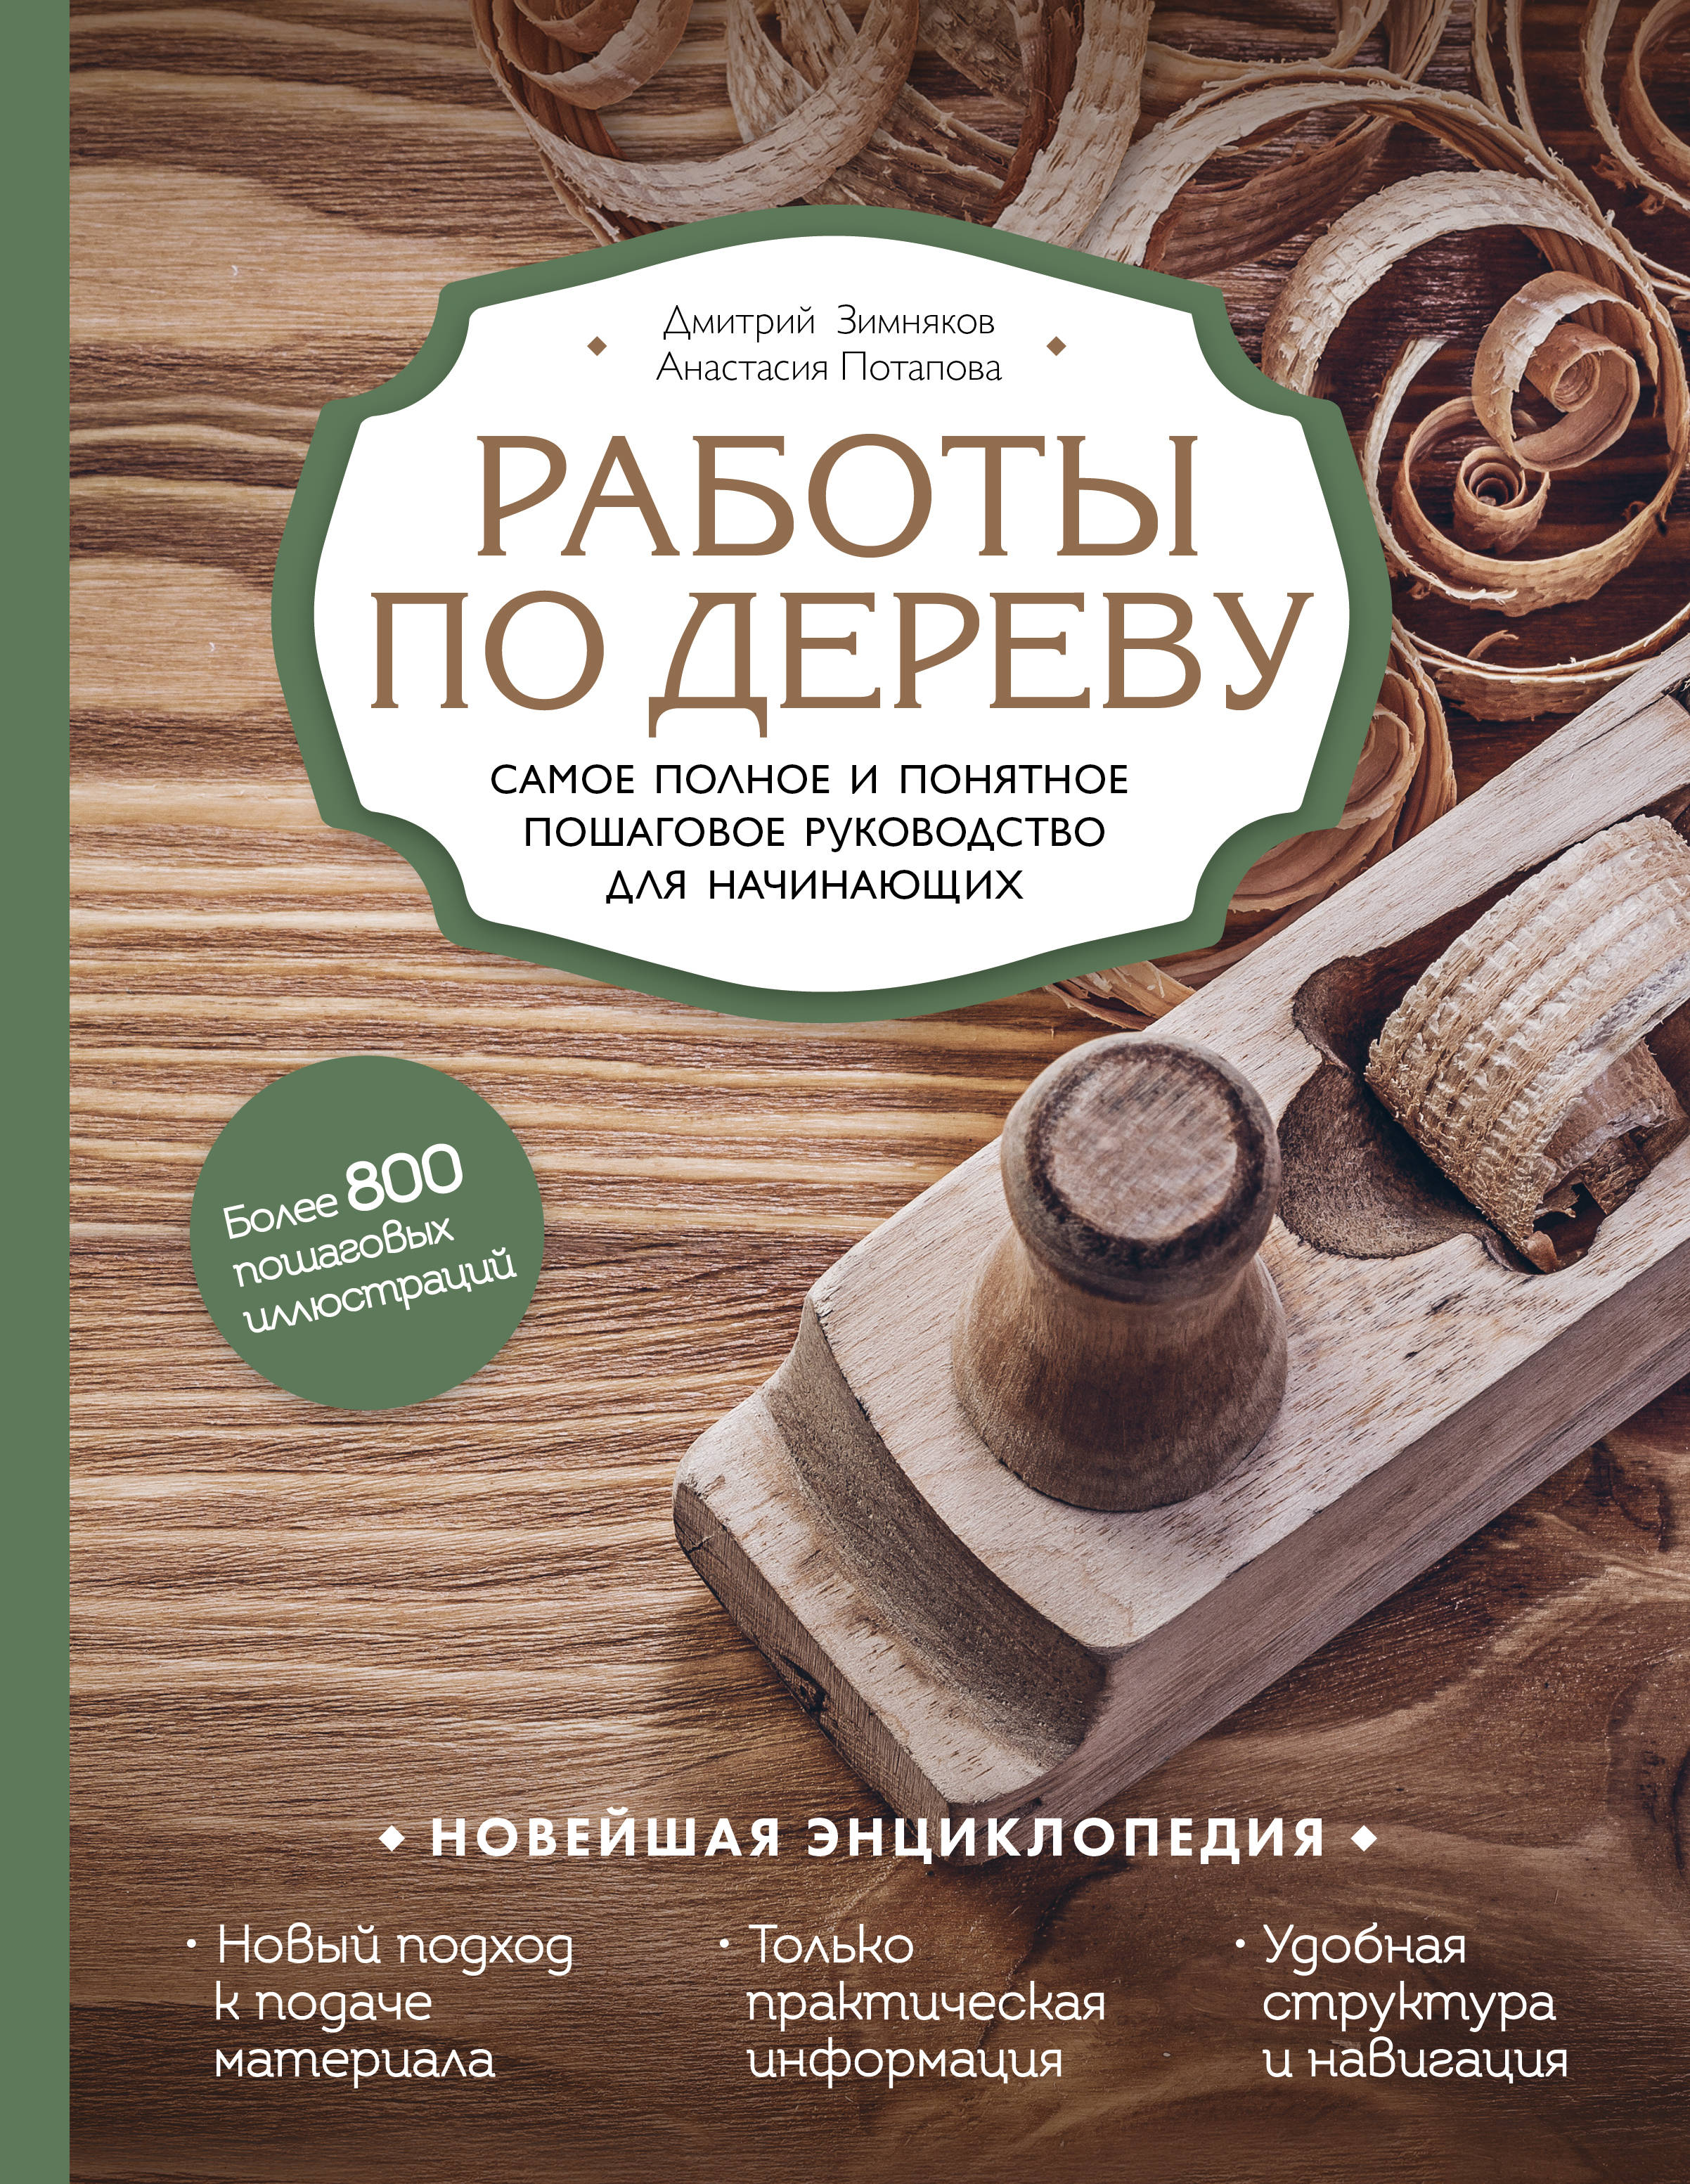 Д. Ю. Зимняков, А. В. Потапова Работы по дереву. Самое полное и понятное пошаговое руководство для начинающих